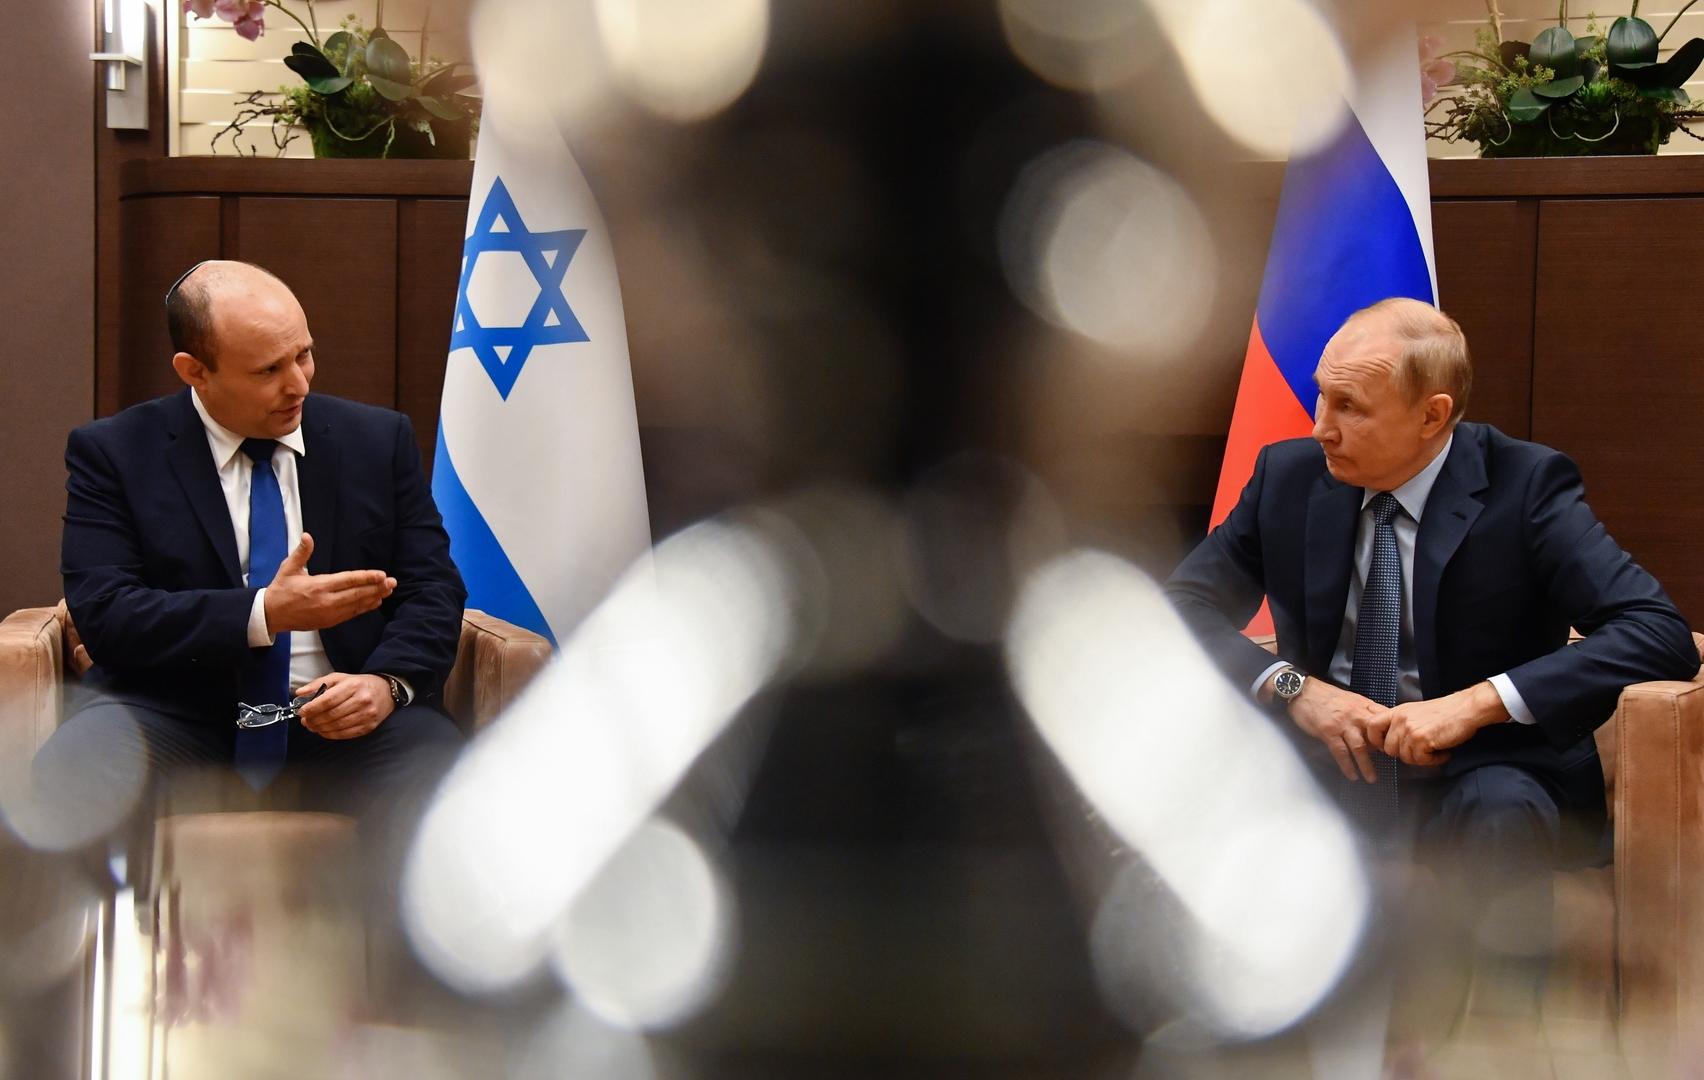 بينيت: بوتين يصغي إلى احتياجات إسرائيل الأمنية ونووي إيران يثير قلق الجميع